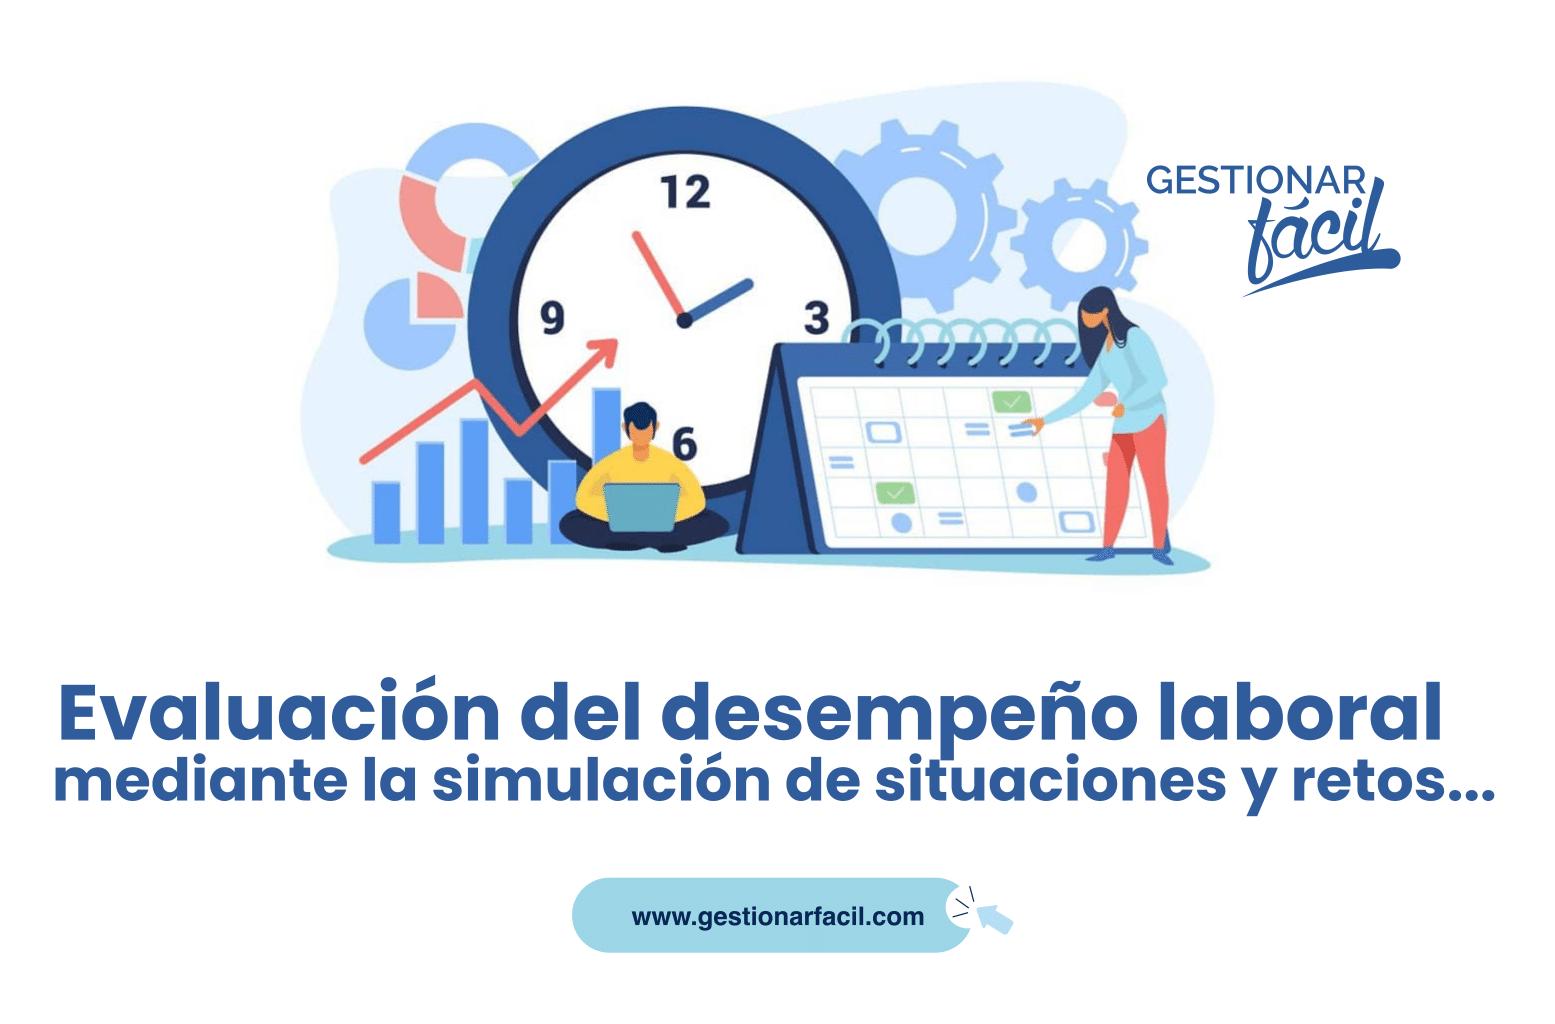 Evaluación del desempeño laboral mediante la simulación de situaciones y retos…